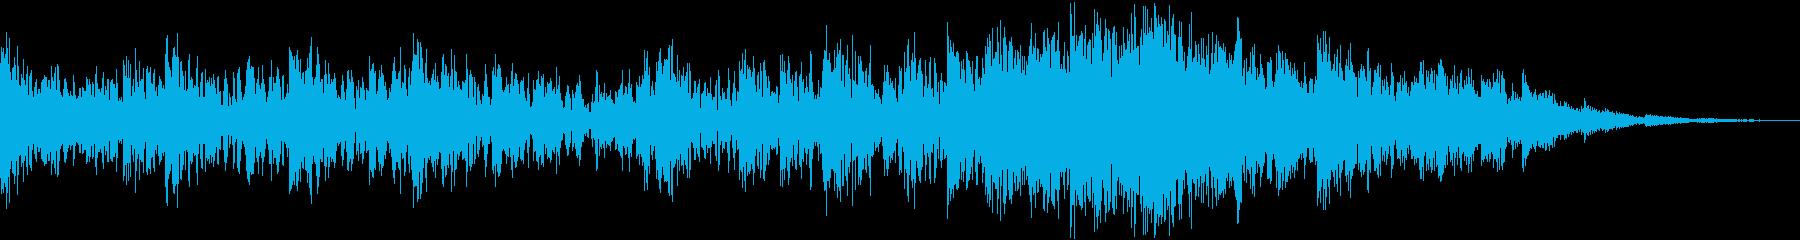 重厚なリズムが主体の力強いジングルの再生済みの波形